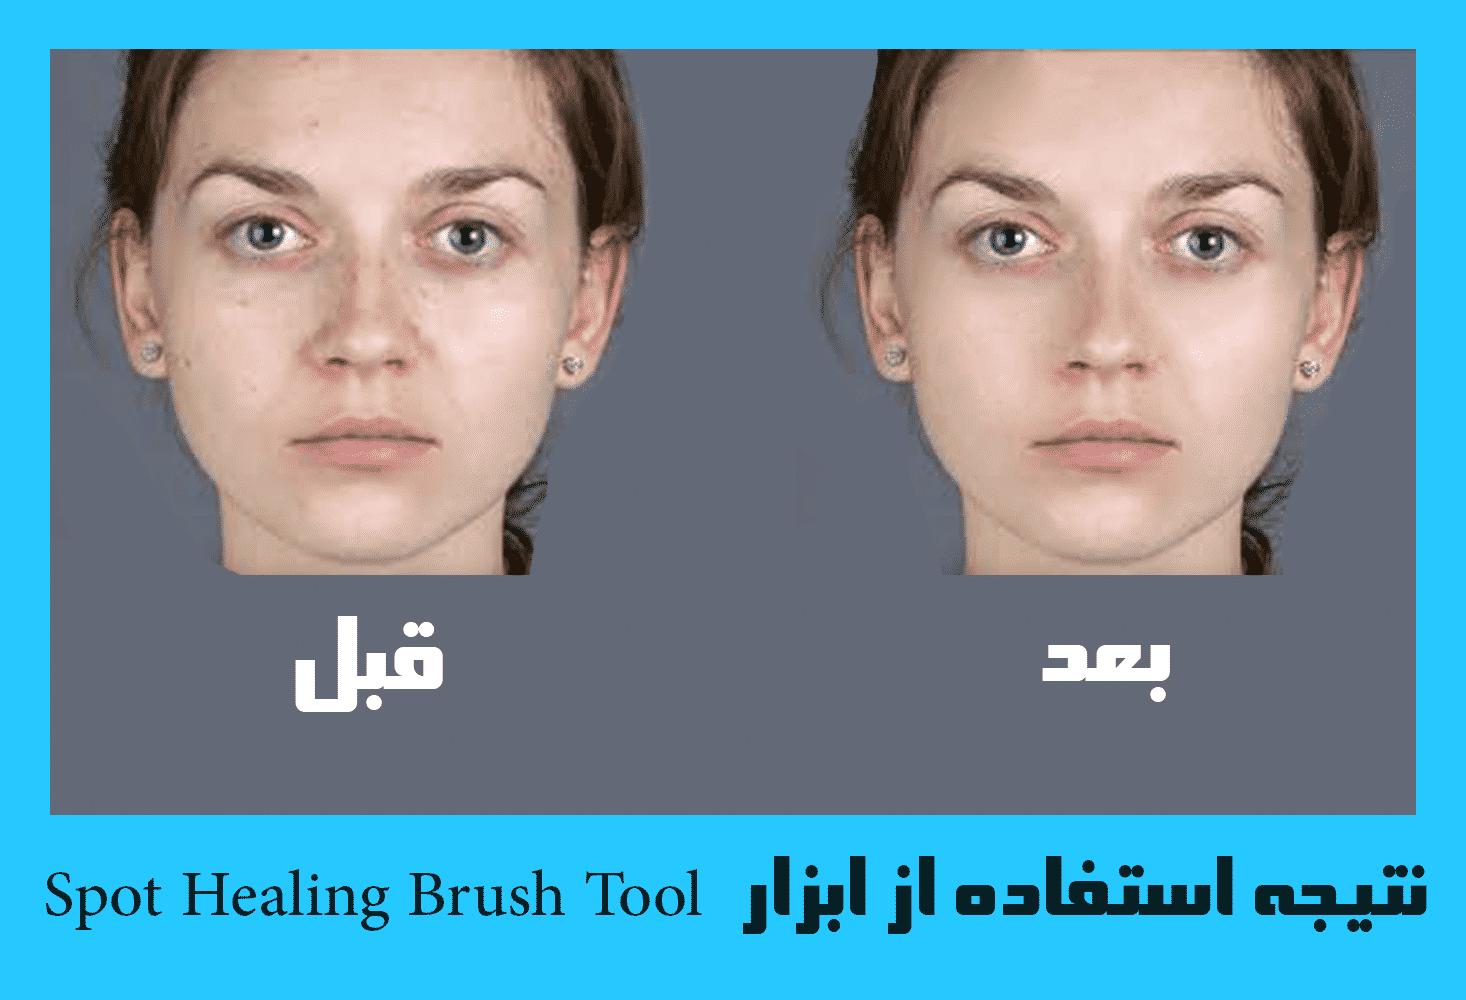 نتیجه استفاده از ابزار Spot Healing Brush Tool